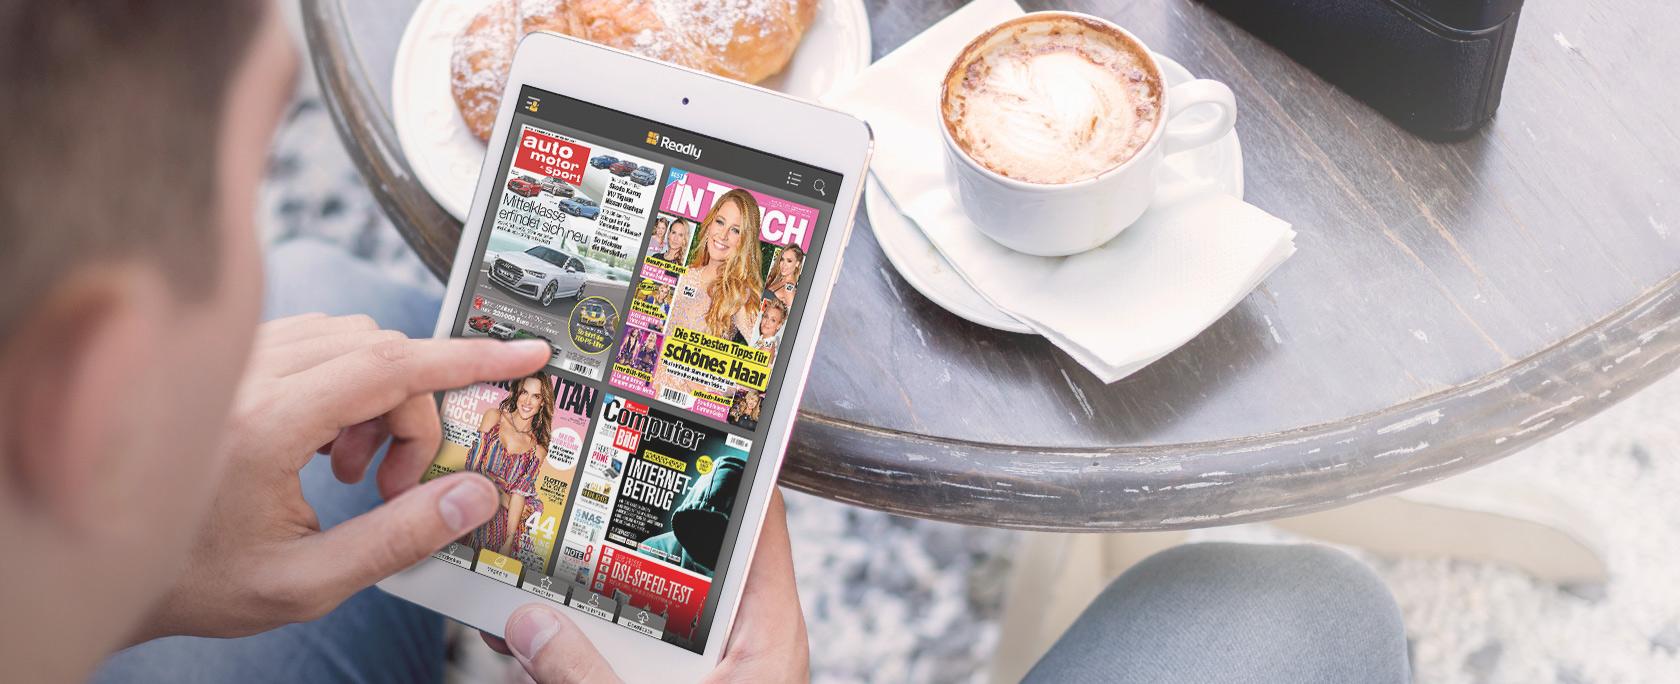 Nur heute: 3 Monate Readly Magazin-Flatrate für nur 0,99€, statt 29,97€ (-97%!)